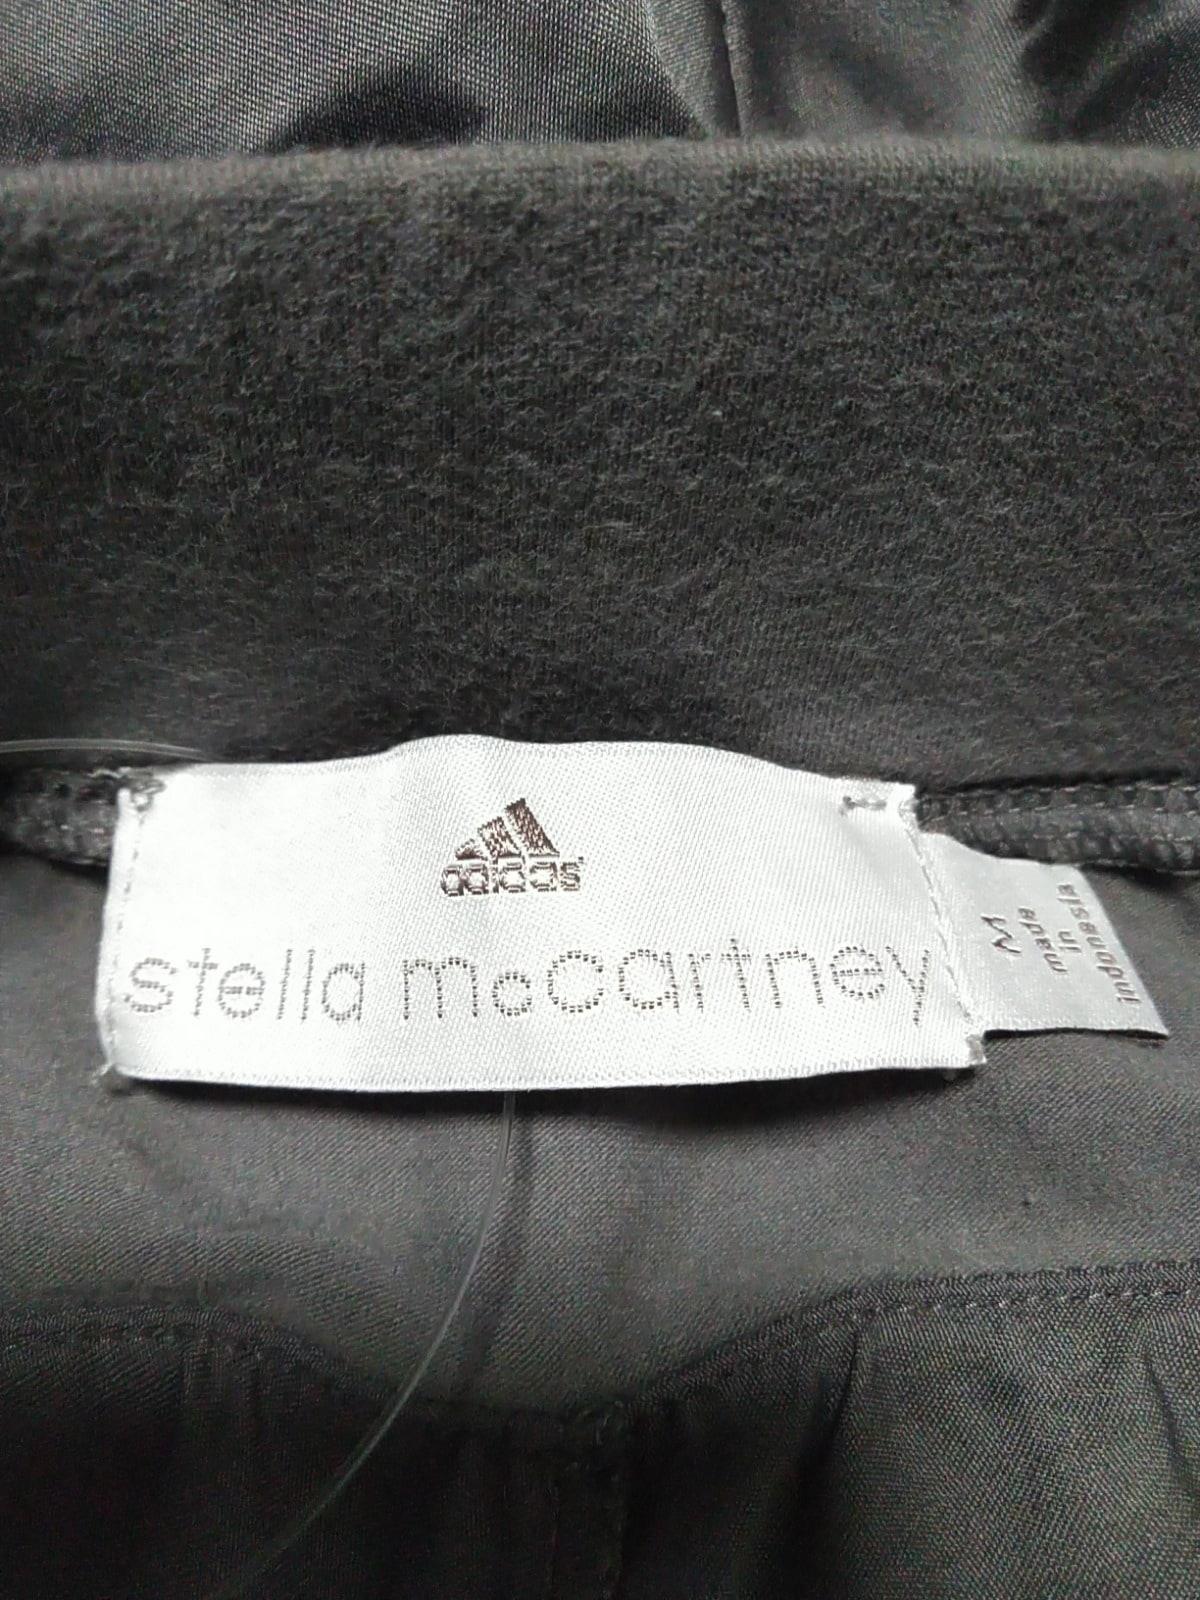 ADIDAS BY STELLA McCARTNEY(アディダスバイステラマッカートニー)のパンツ